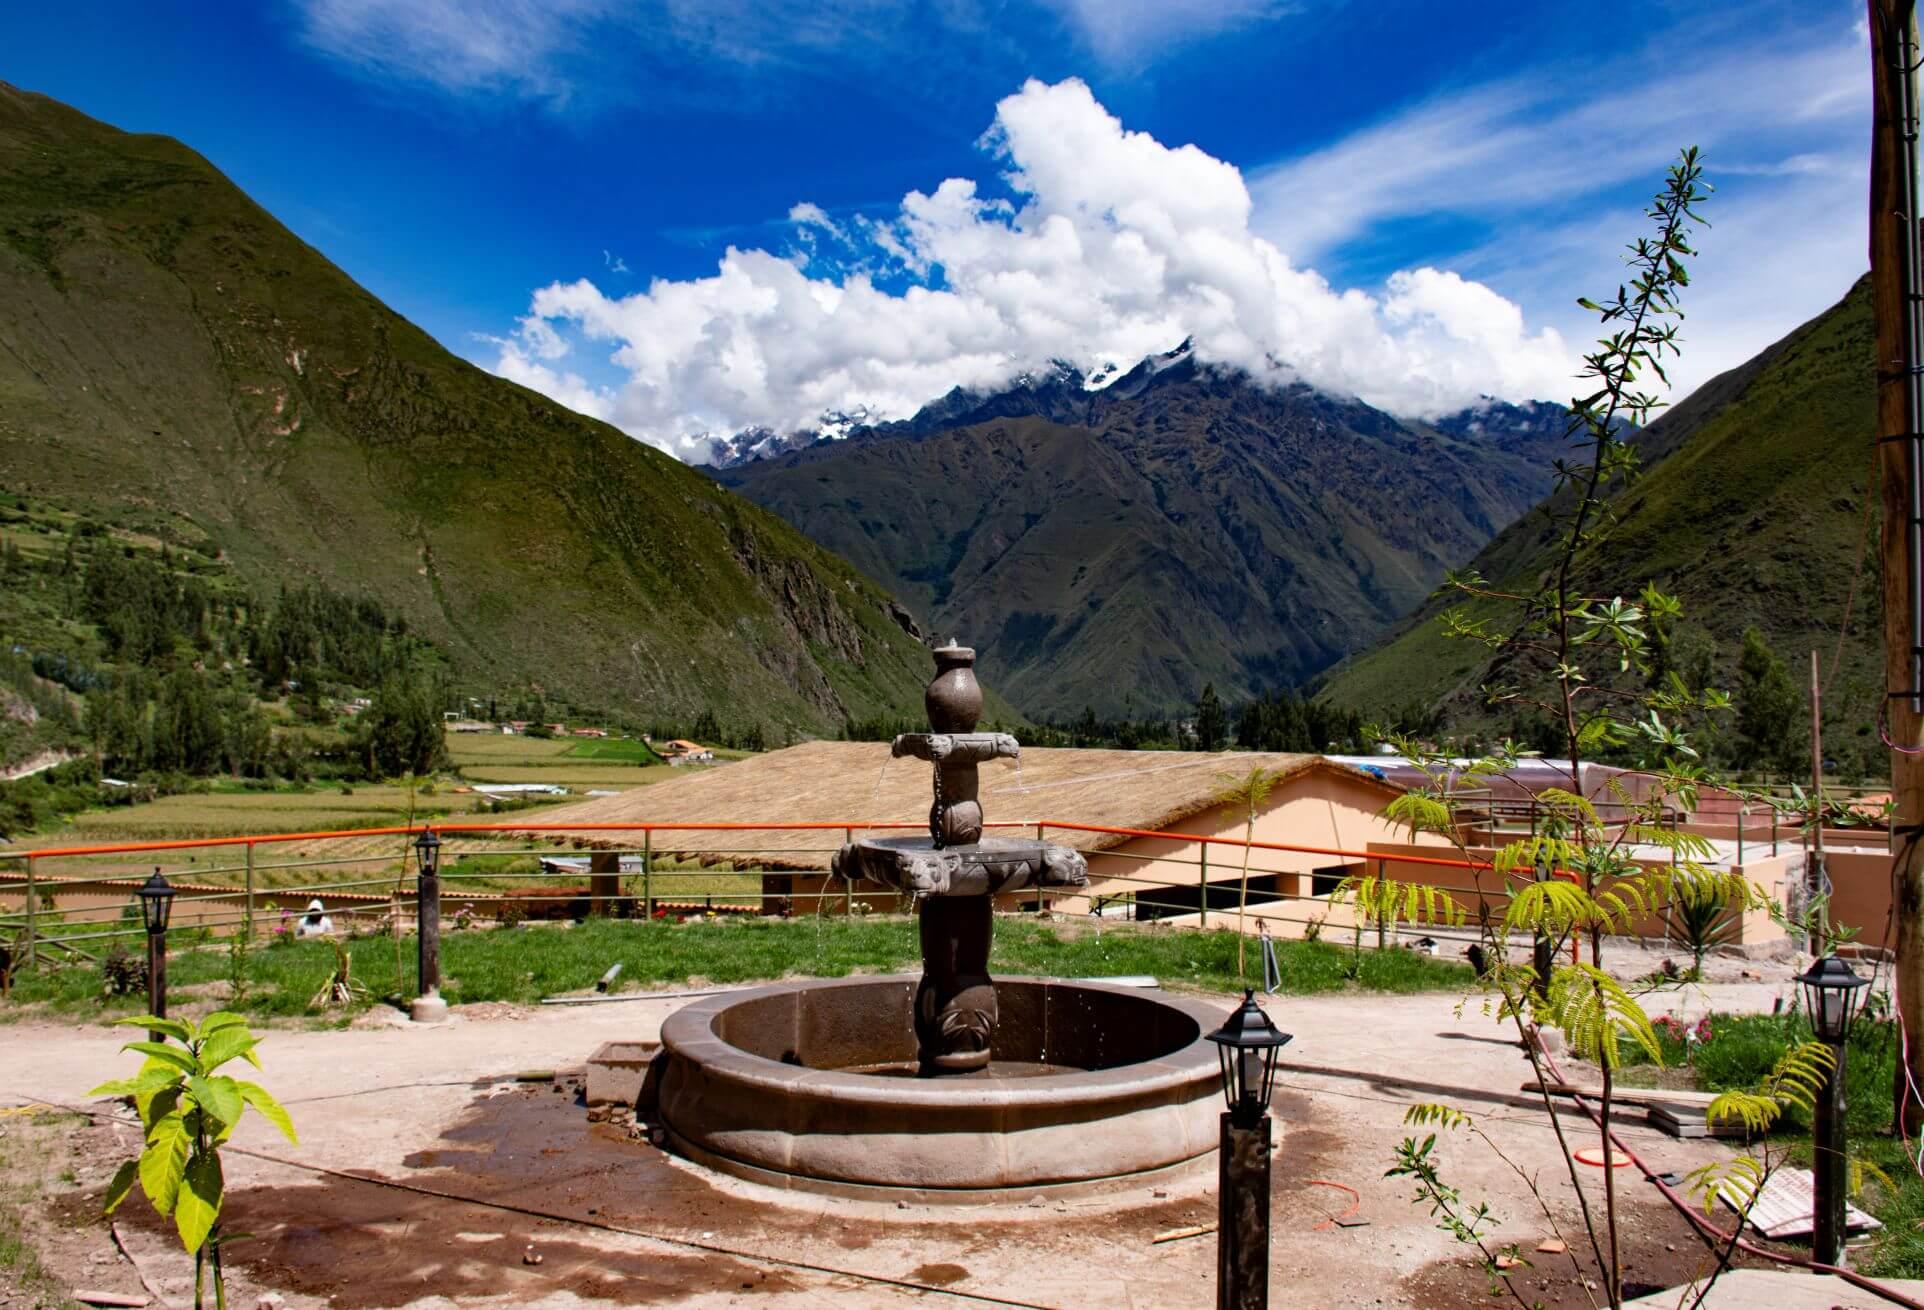 Veronica View Hotel Ollantaytambo Cusco